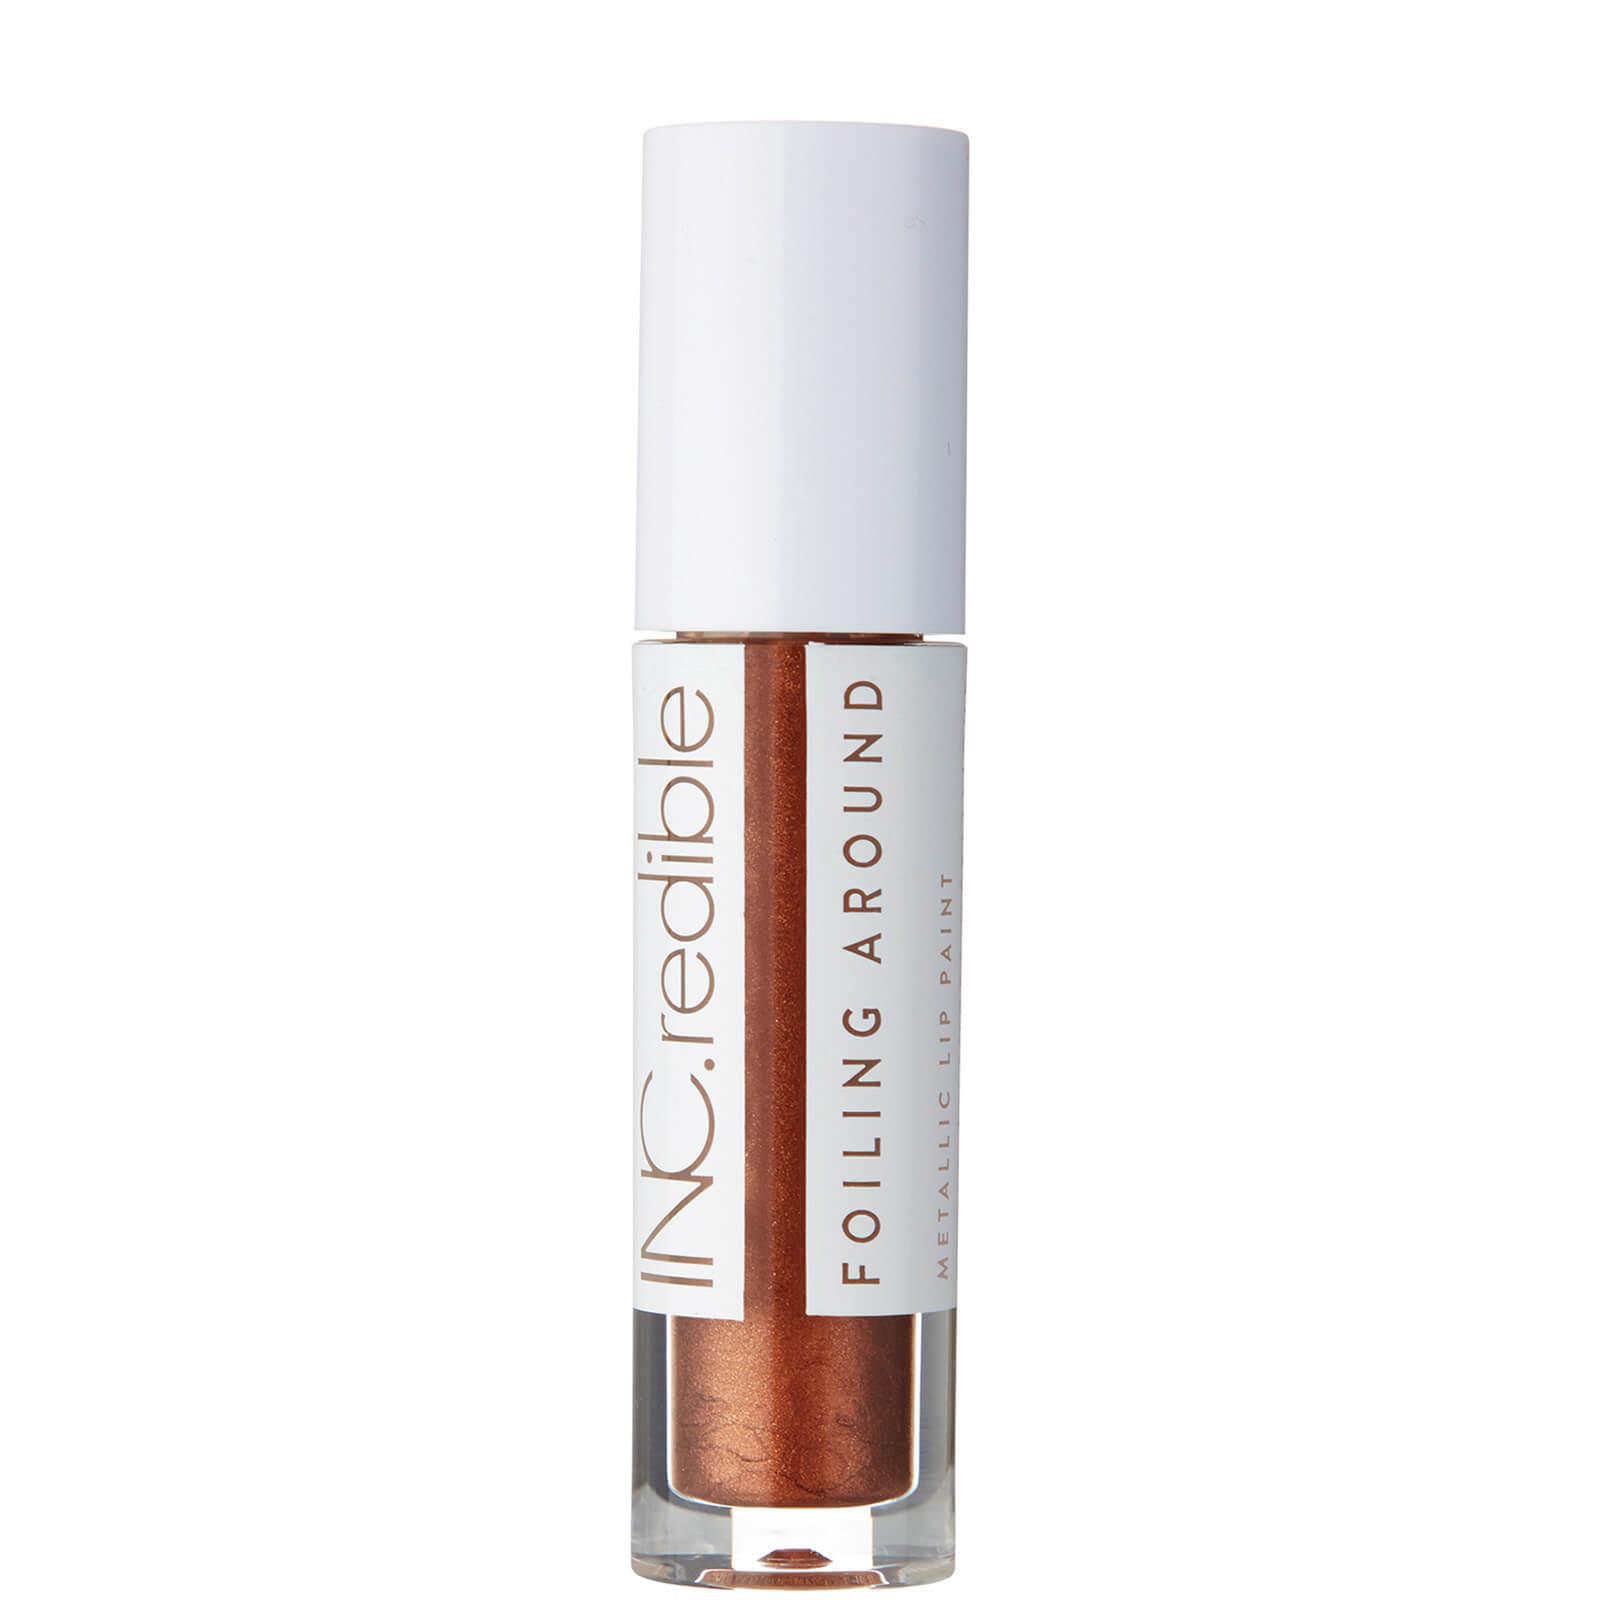 Купить Жидкая губная помада с эффектом металлик INC.redible Foiling Around Metallic Liquid Lipstick (различные оттенки) - Bitches Be Like